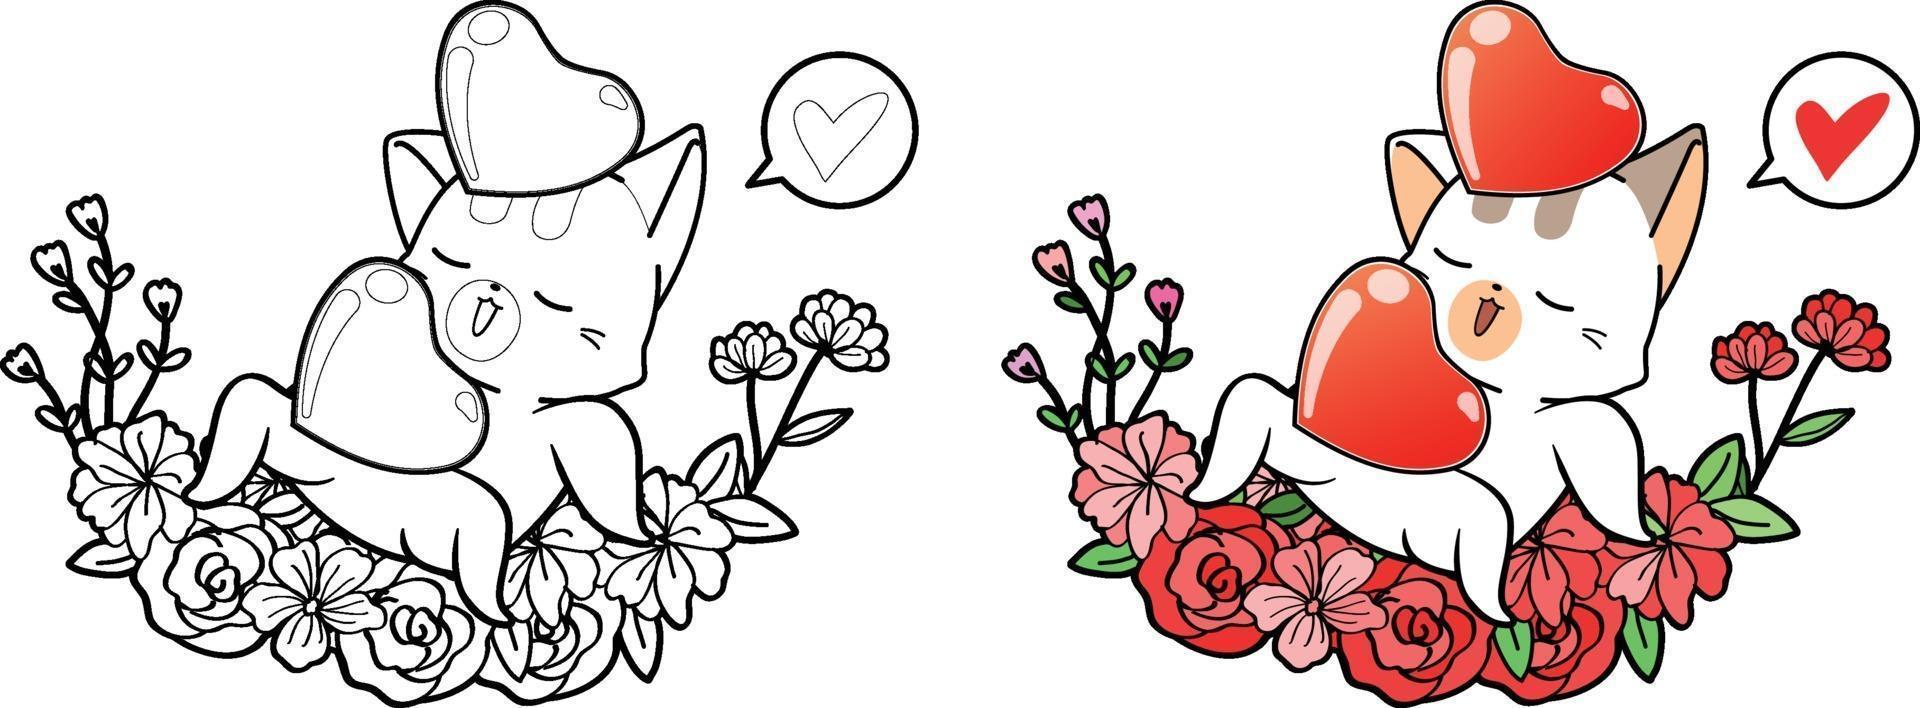 gato fofo e corações com coroa de flores para desenho para colorir de dia dos namorados vetor